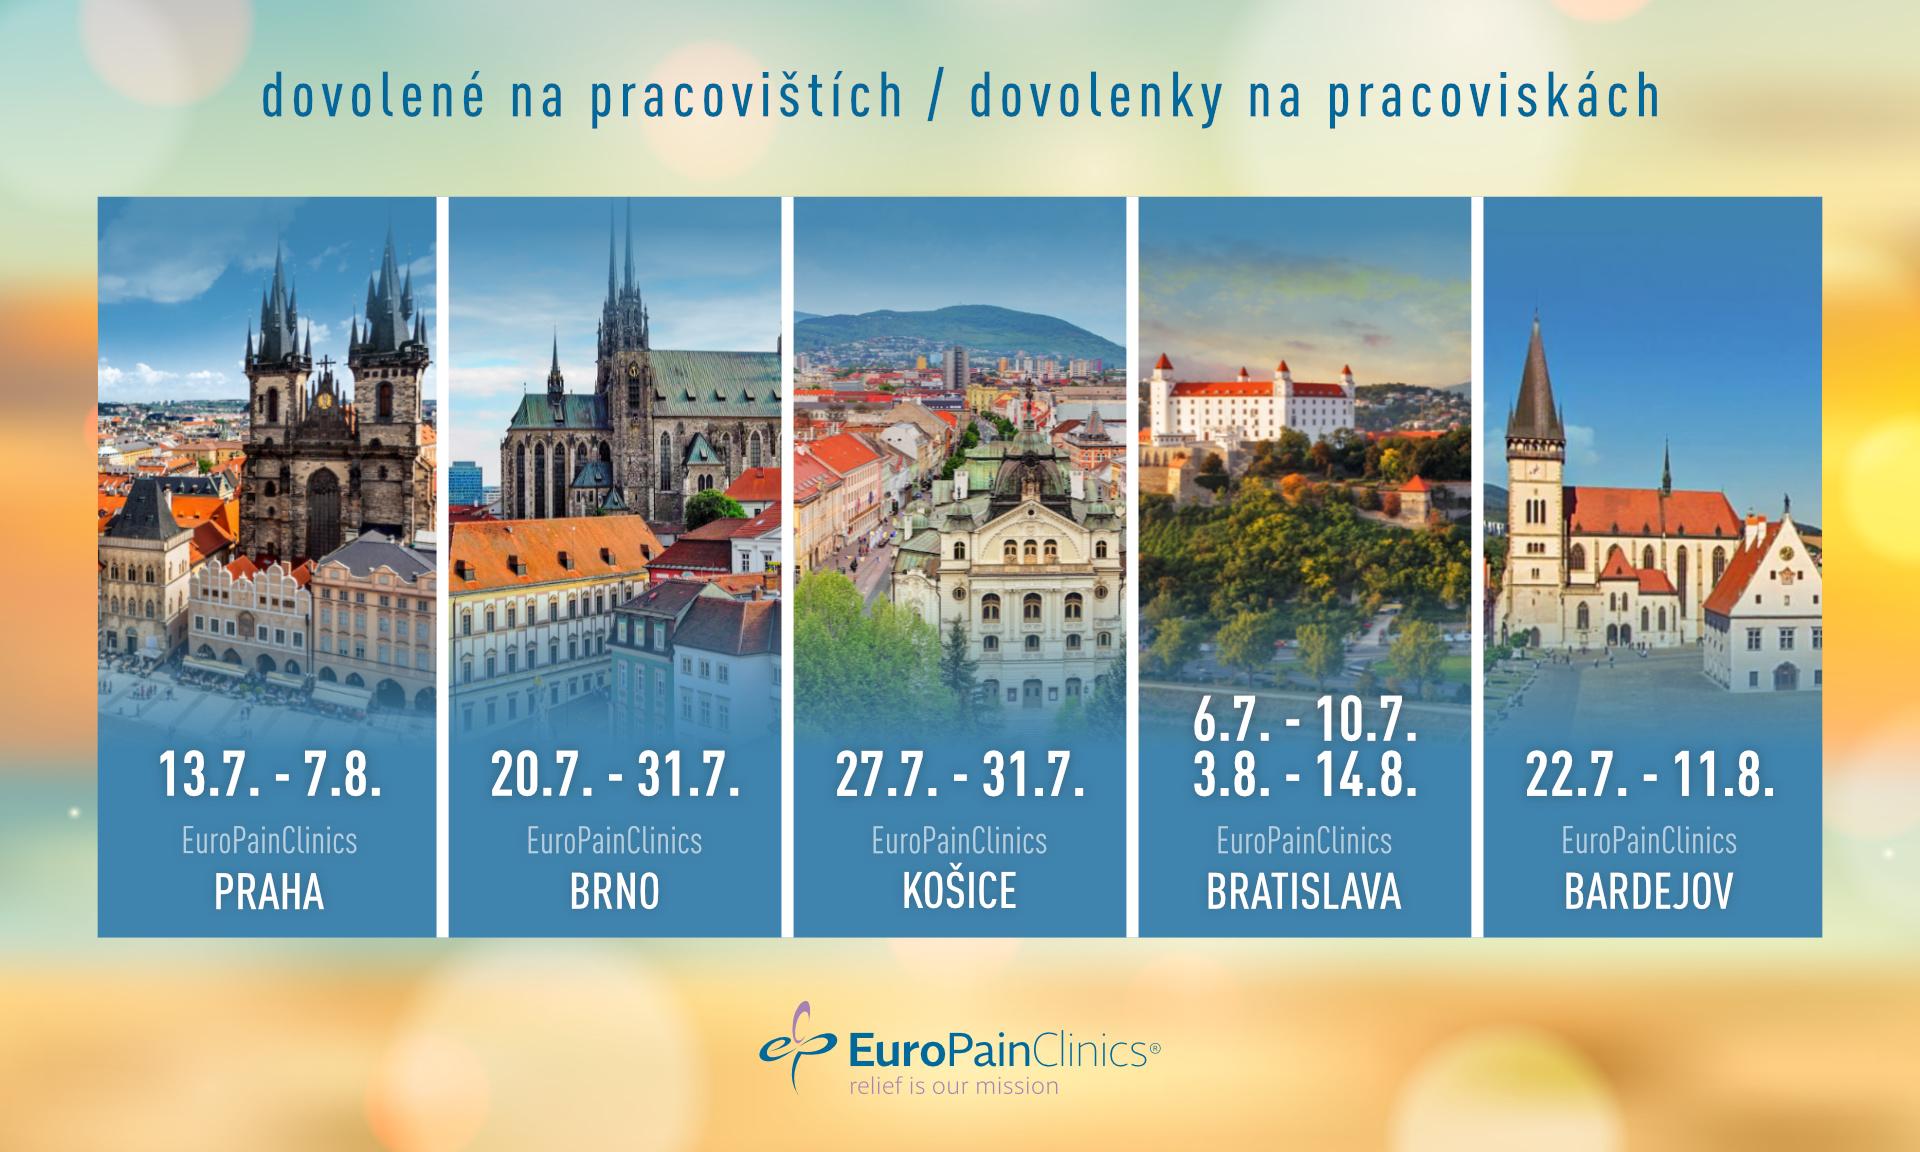 Omezení provozu na pracovišťích EuroPainClinics z důvodu letních dovolených